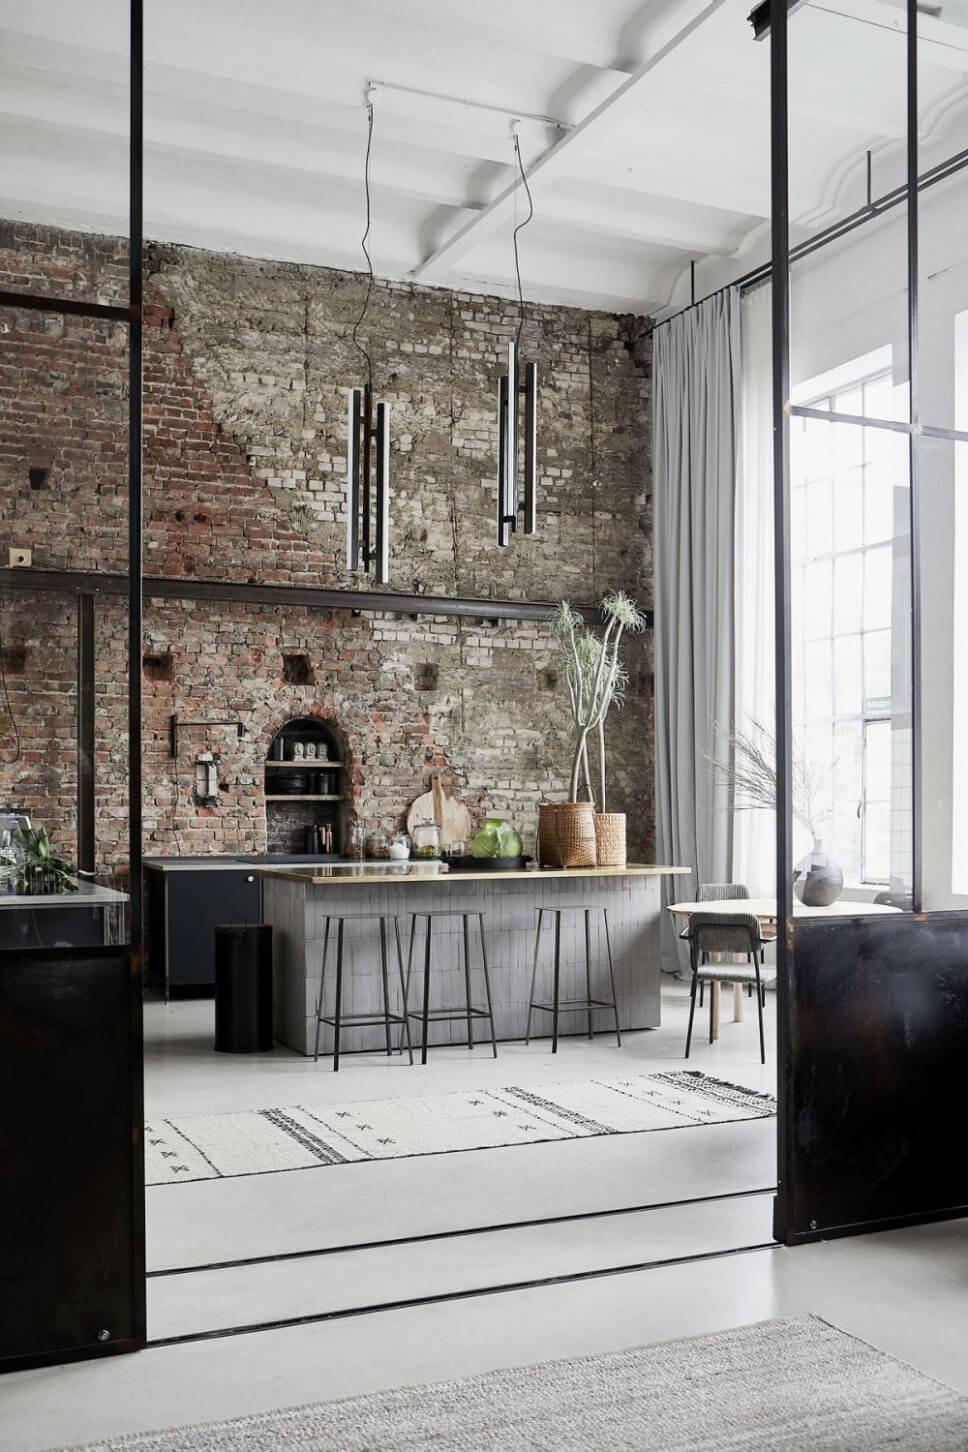 Blick durch hohe Stahlglastüren in offene Küche mit Backsteinwand